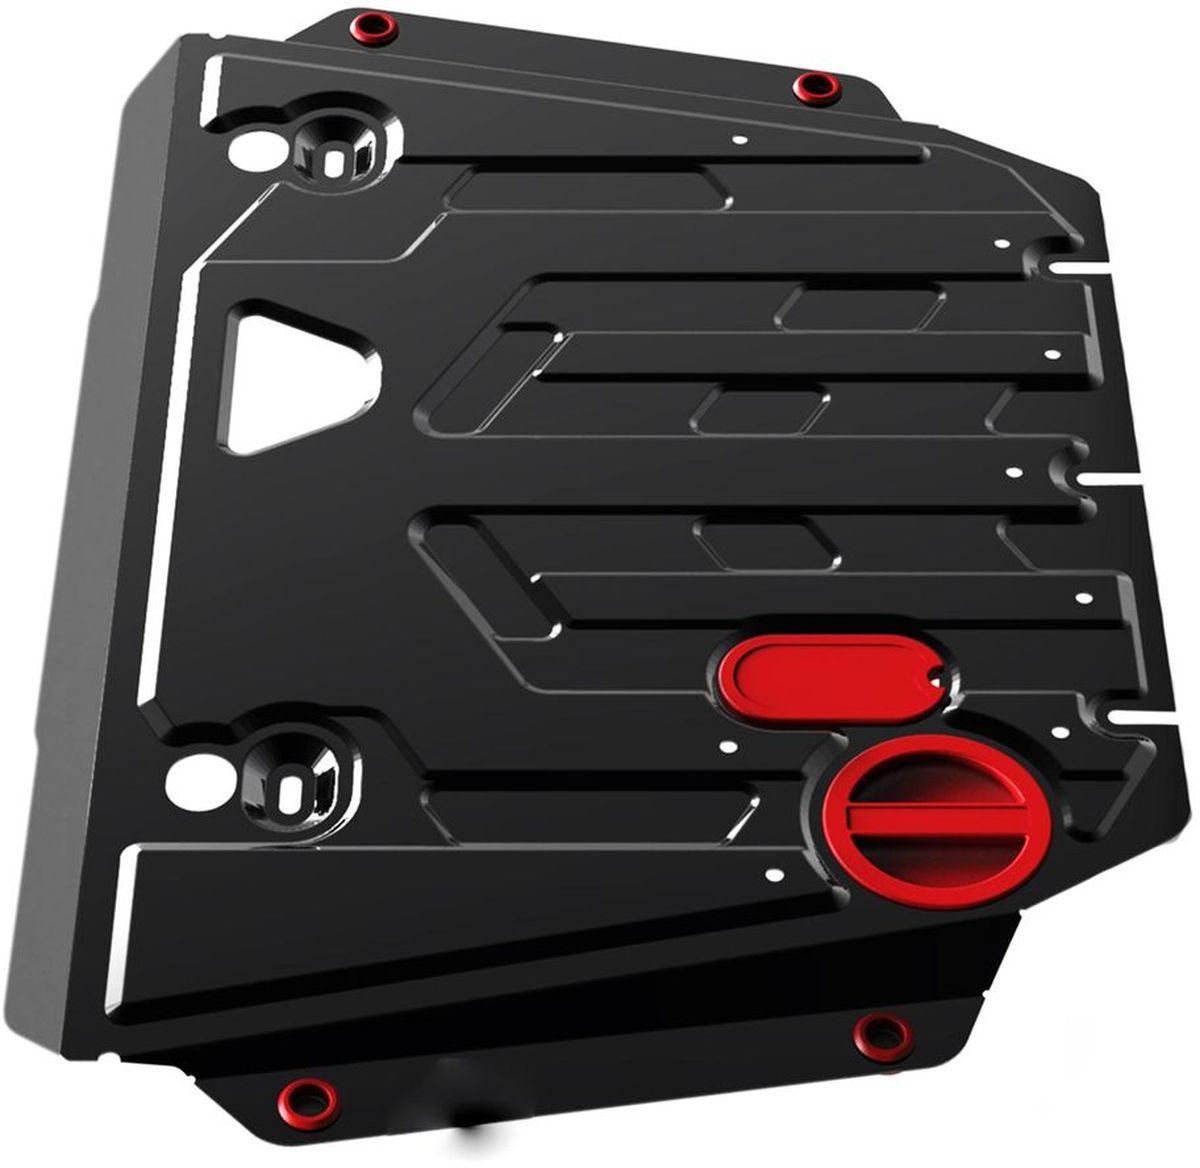 Защита картера и КПП Автоброня, для Chery QQ6 V - 1,1; 1,3 (2008-)111.00905.1Технологически совершенный продукт за невысокую стоимость. Защита разработана с учетом особенностей днища автомобиля, что позволяет сохранить дорожный просвет с минимальным изменением. Защита устанавливается в штатные места кузова автомобиля. Глубокий штамп обеспечивает до двух раз больше жесткости в сравнении с обычной защитой той же толщины. Проштампованные ребра жесткости препятствуют деформации защиты при ударах. Тепловой зазор и вентиляционные отверстия обеспечивают сохранение температурного режима двигателя в норме. Скрытый крепеж предотвращает срыв крепежных элементов при наезде на препятствие. Шумопоглощающие резиновые элементы обеспечивают комфортную езду без вибраций и скрежета металла, а съемные лючки для слива масла и замены фильтра - экономию средств и время. Конструкция изделия не влияет на пассивную безопасность автомобиля (при ударе защита не воздействует на деформационные зоны кузова). Со штатным крепежом. В комплекте инструкция по установке....